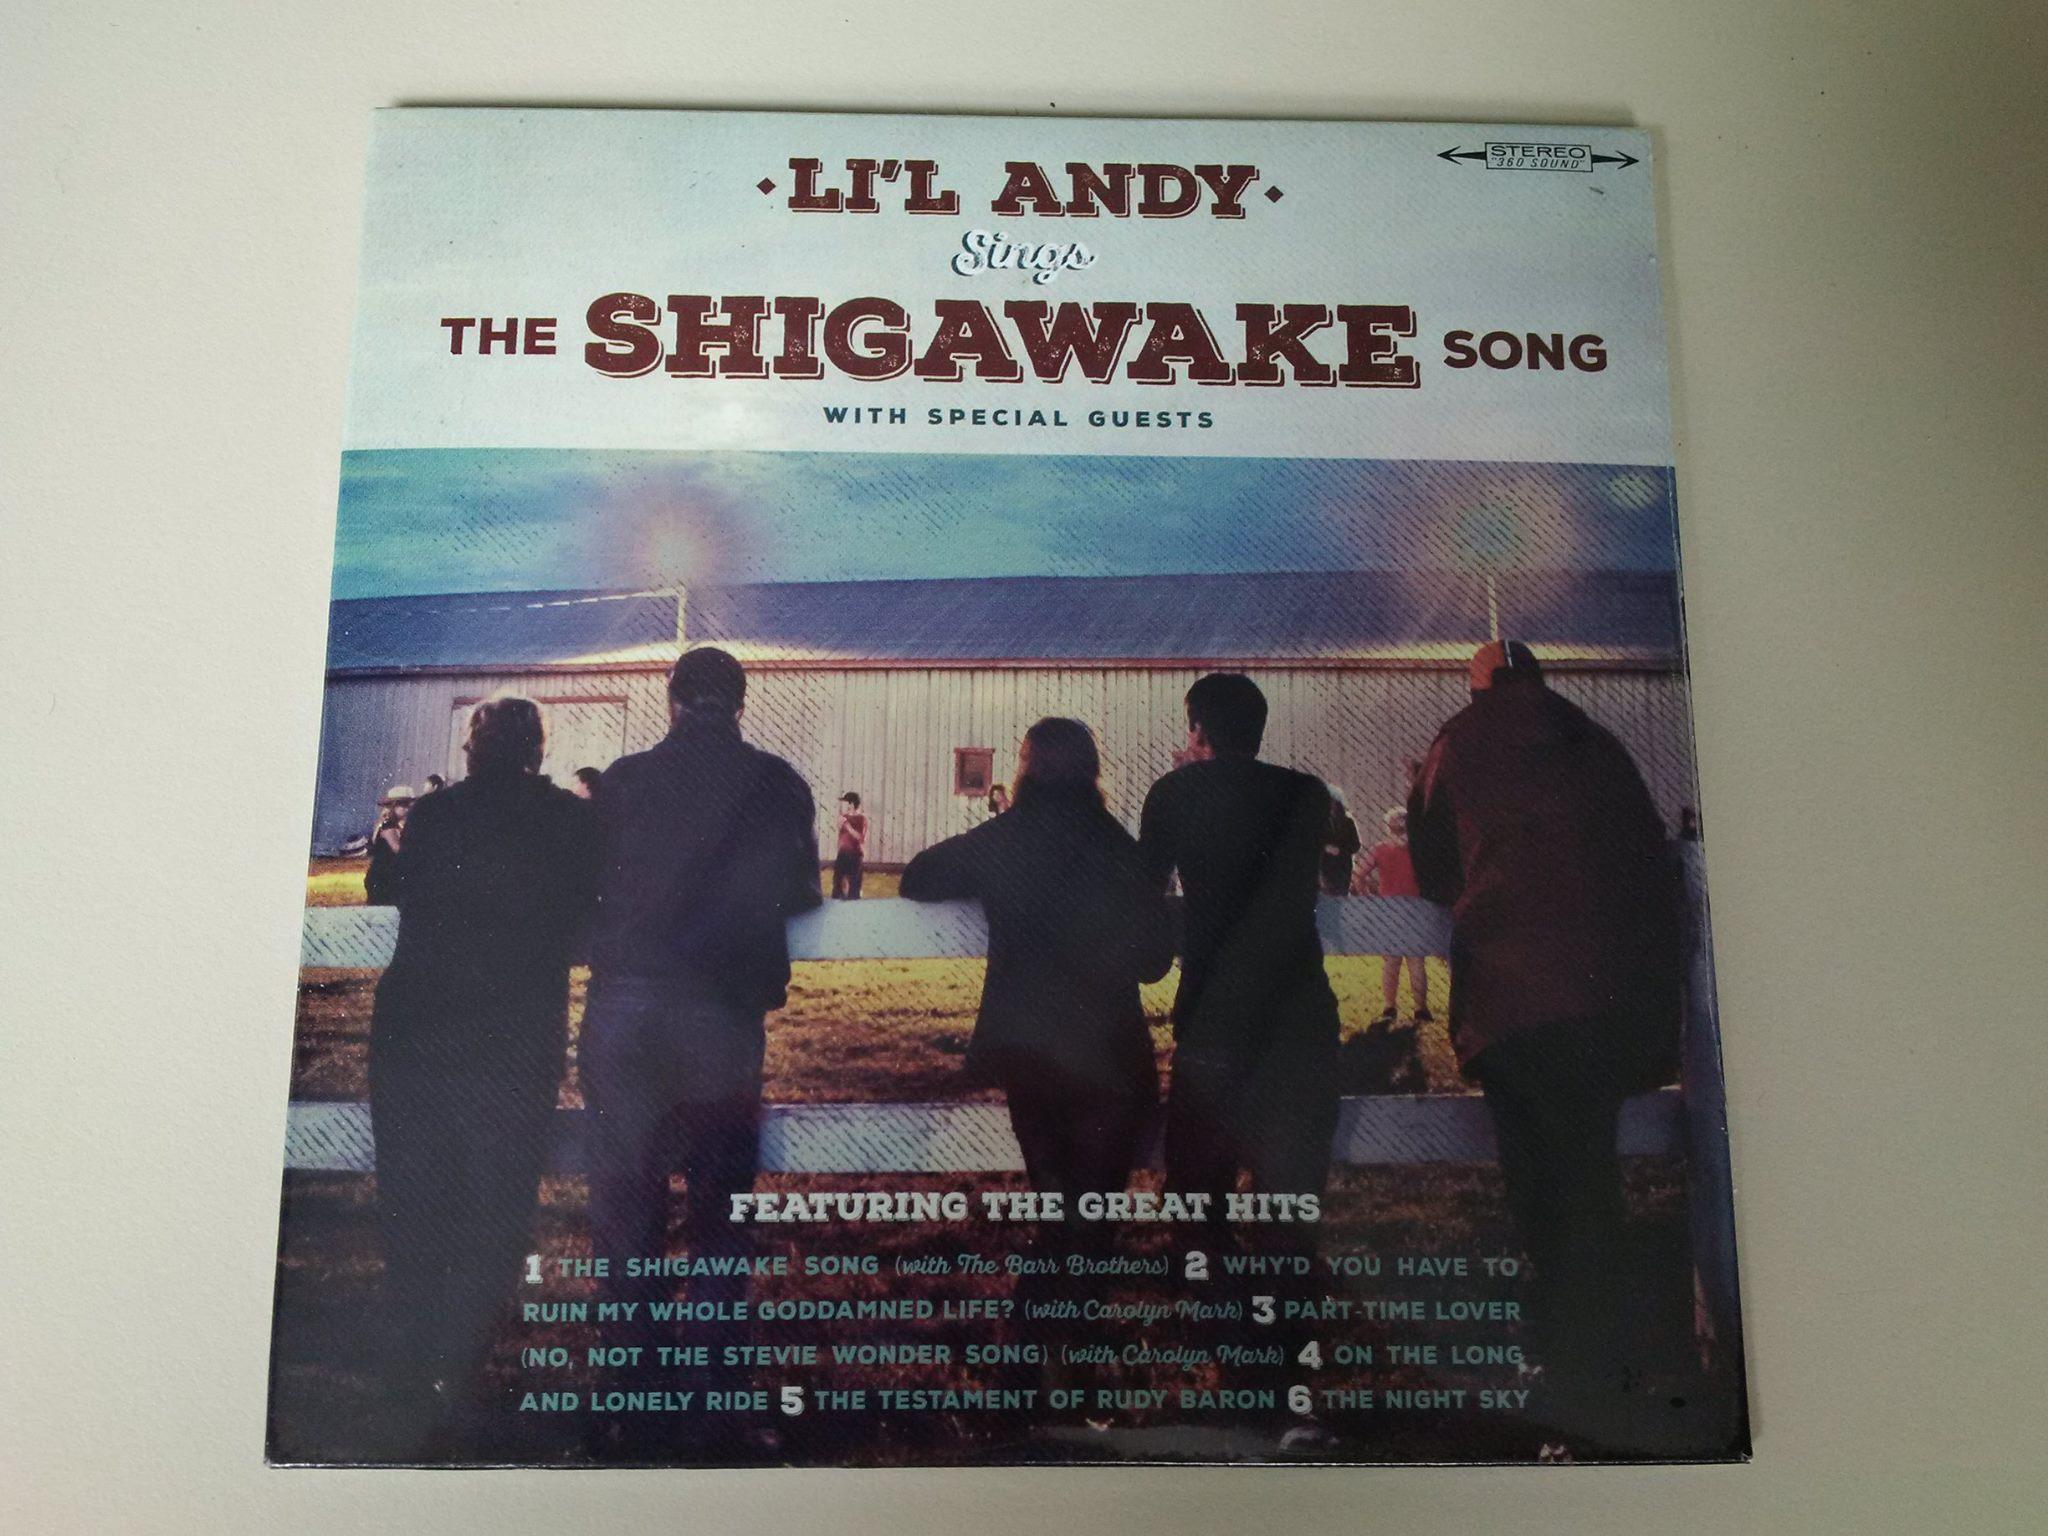 The Shigawake Song